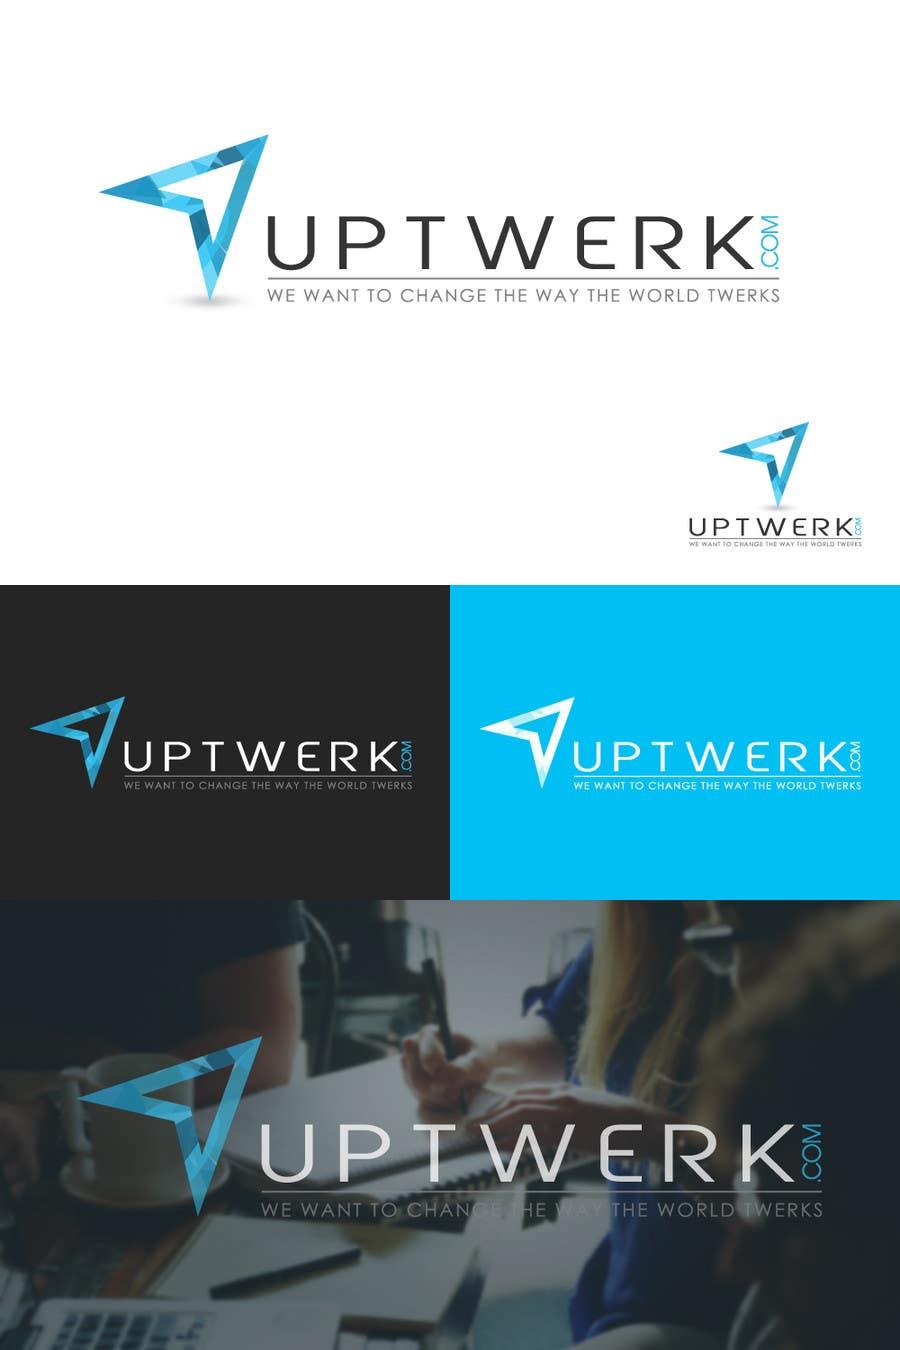 Konkurrenceindlæg #88 for Design a Logo for Uptwerk.com